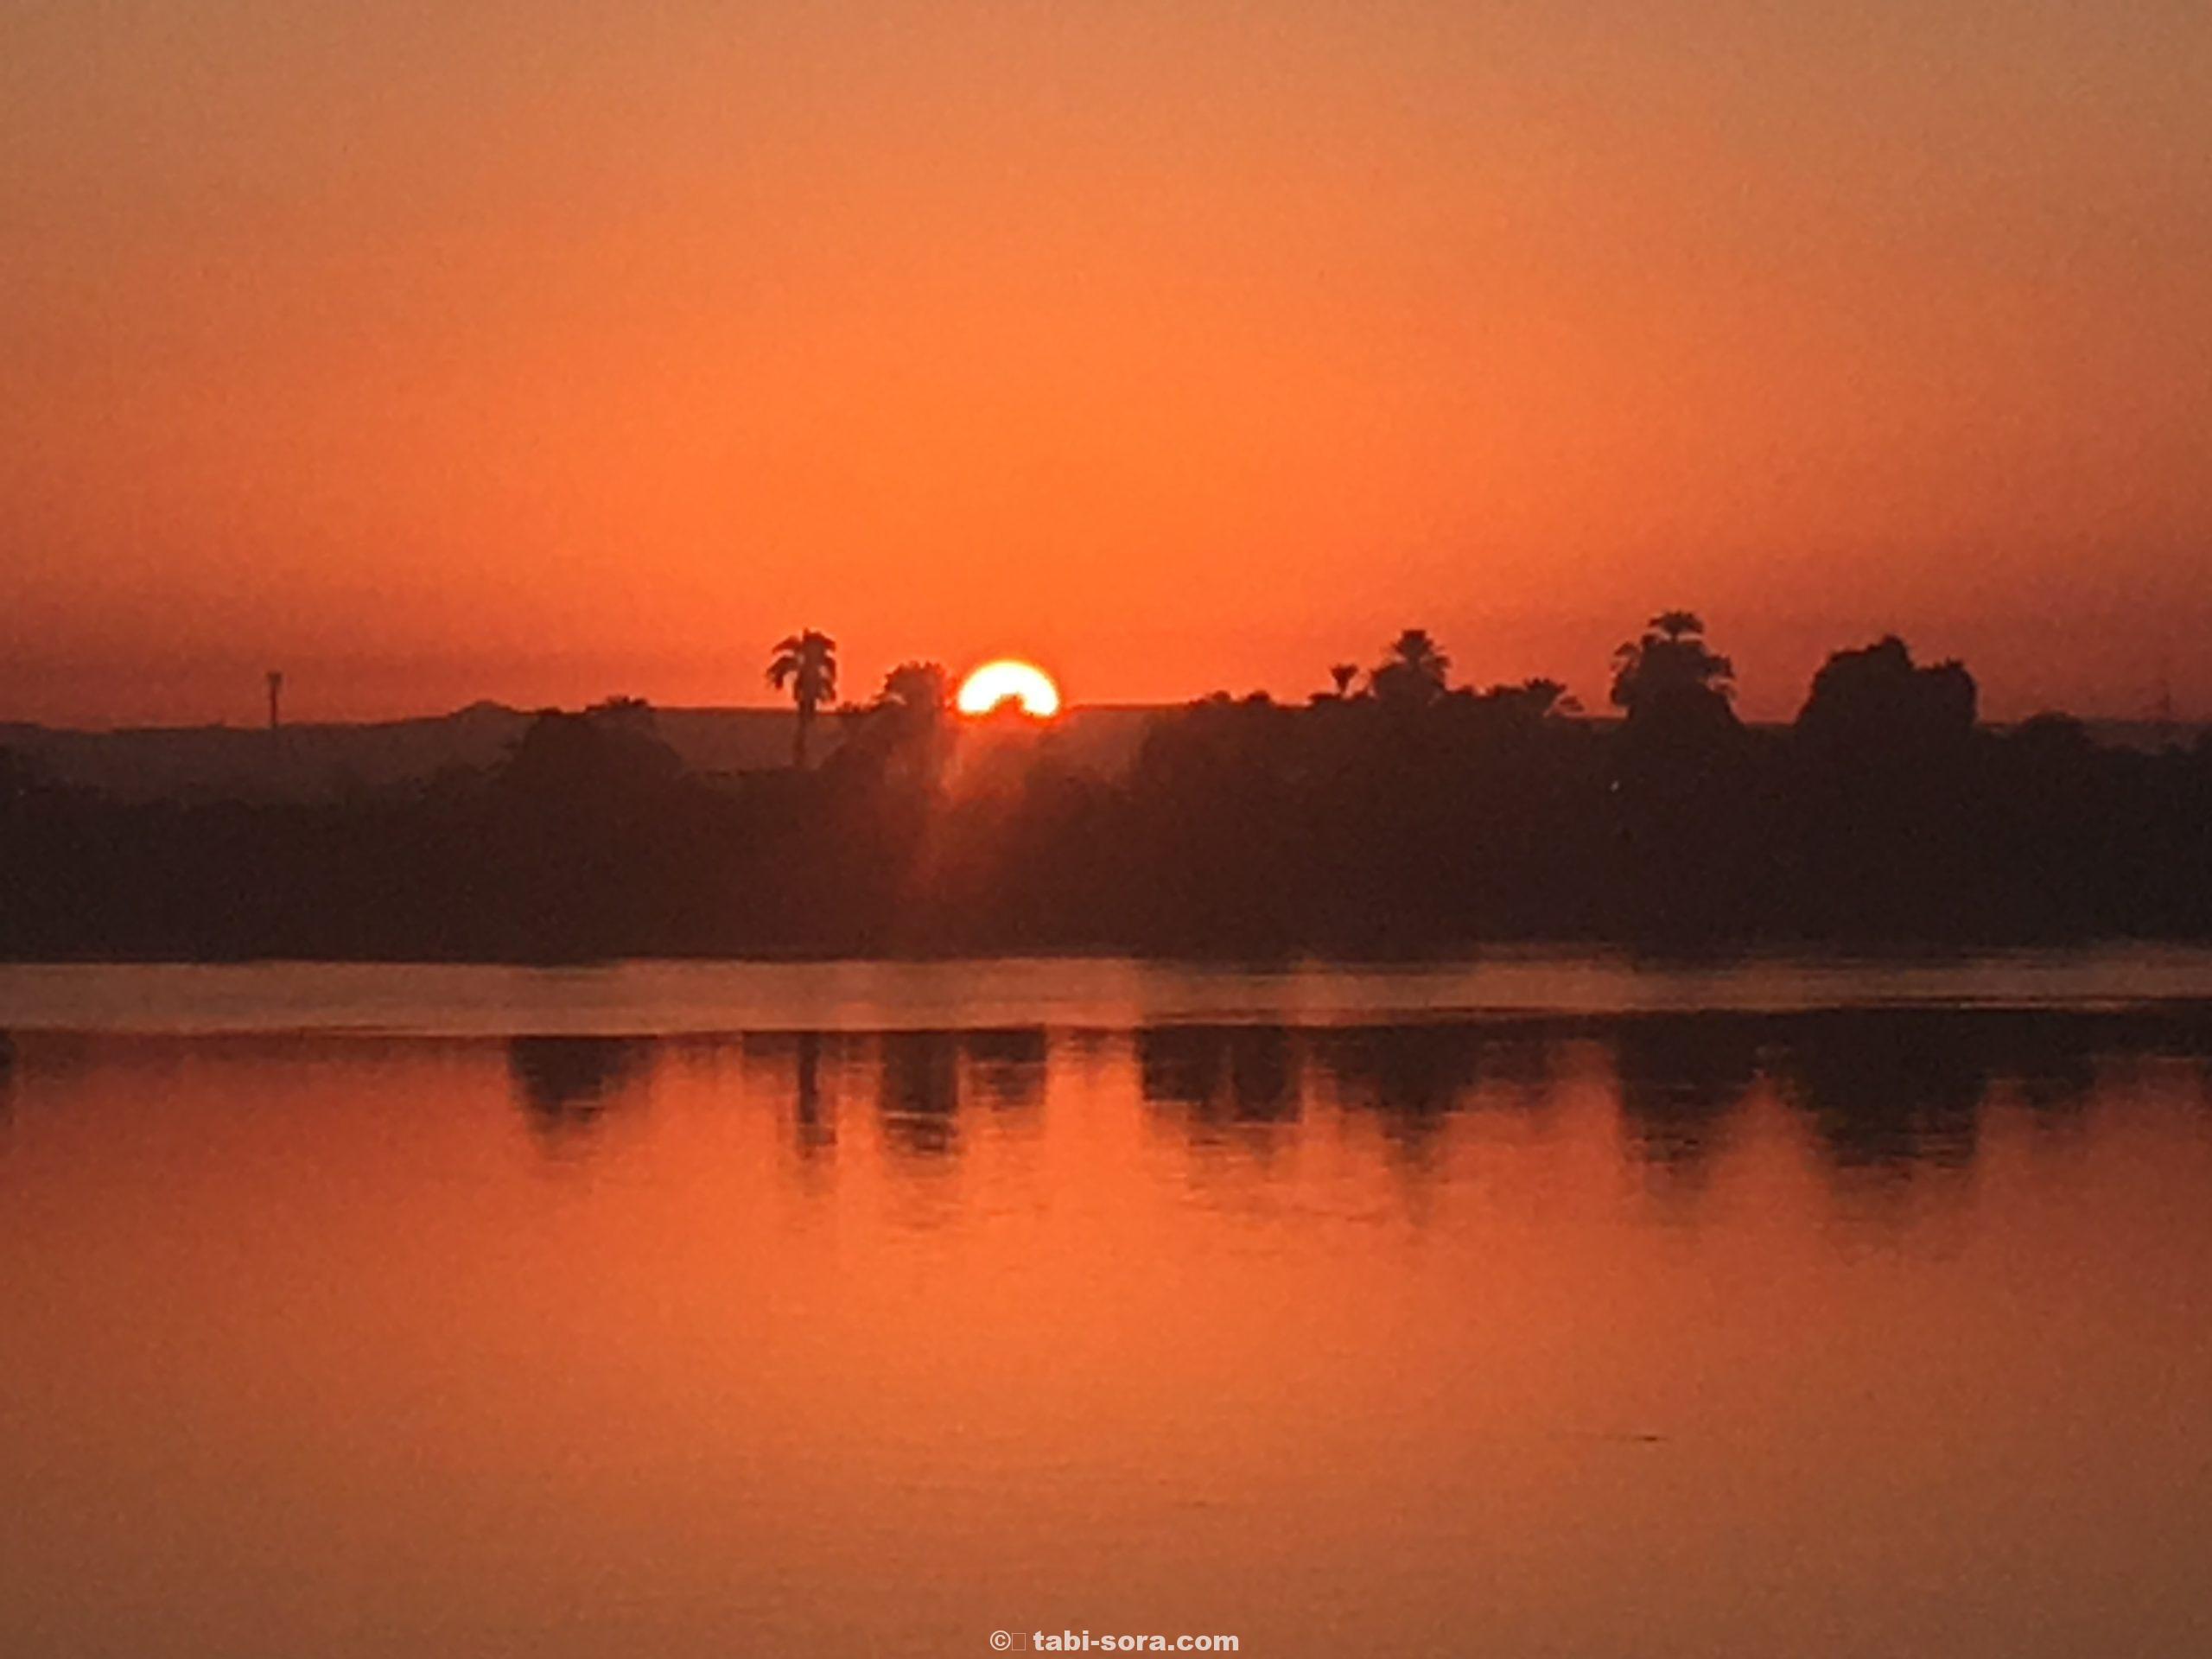 ナイル川の夕陽